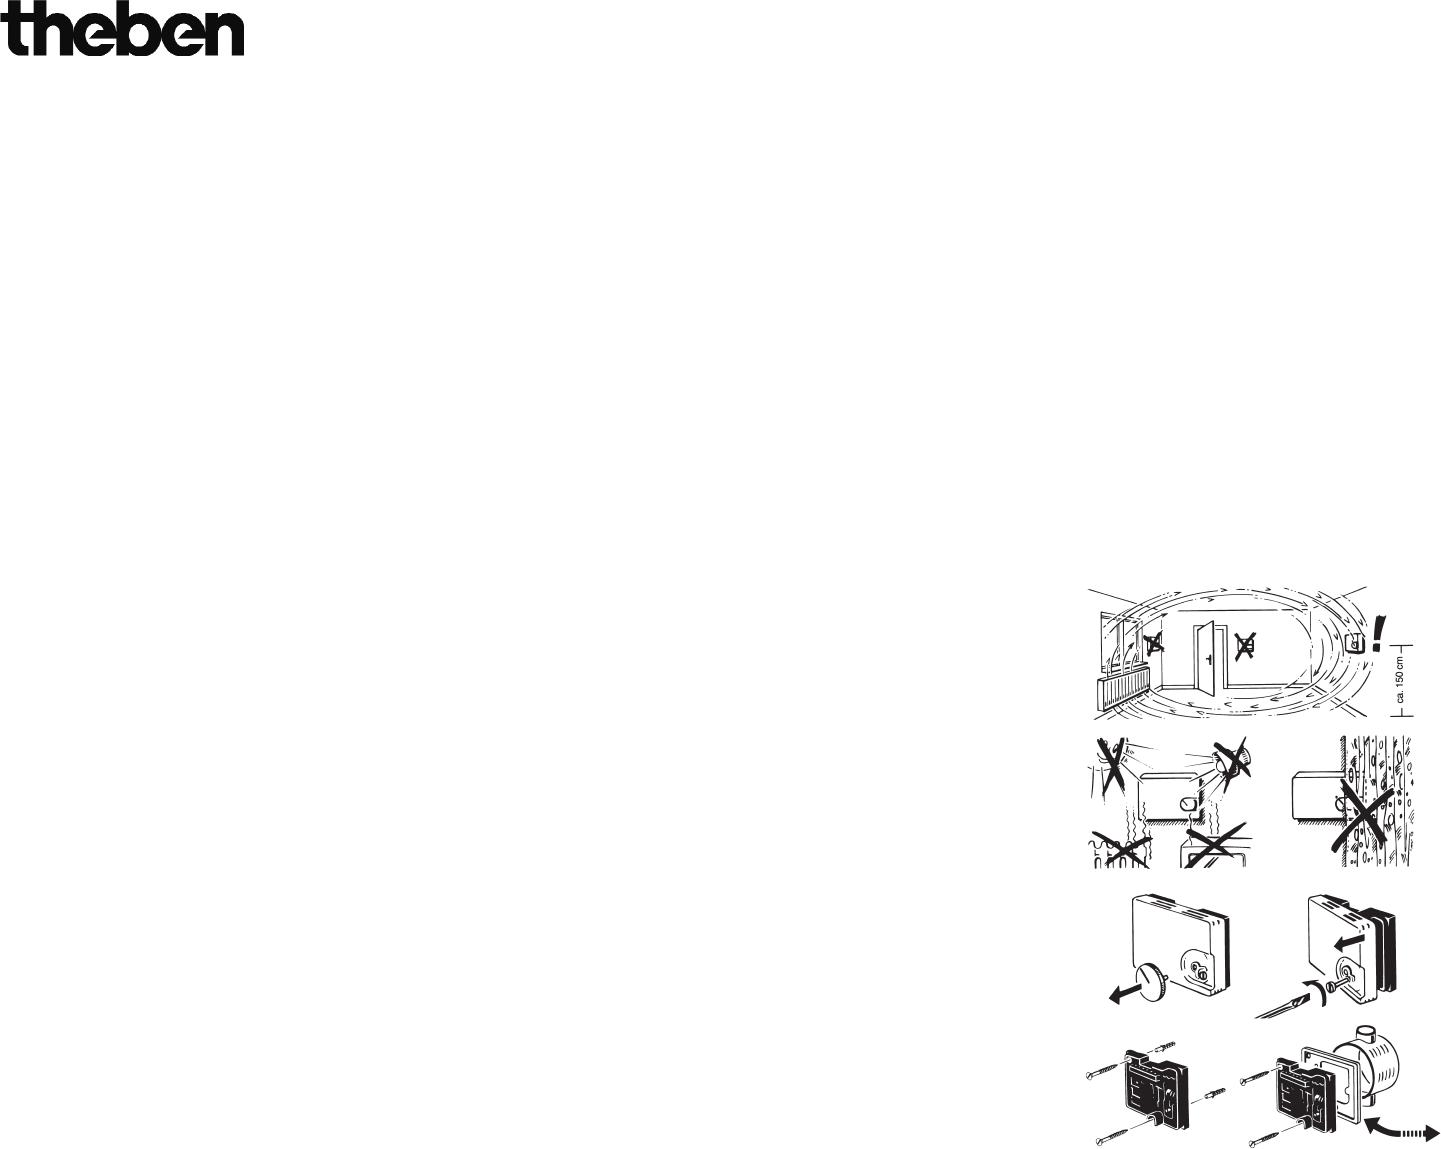 bedienungsanleitung theben ramses 701 seite 1 von 2. Black Bedroom Furniture Sets. Home Design Ideas